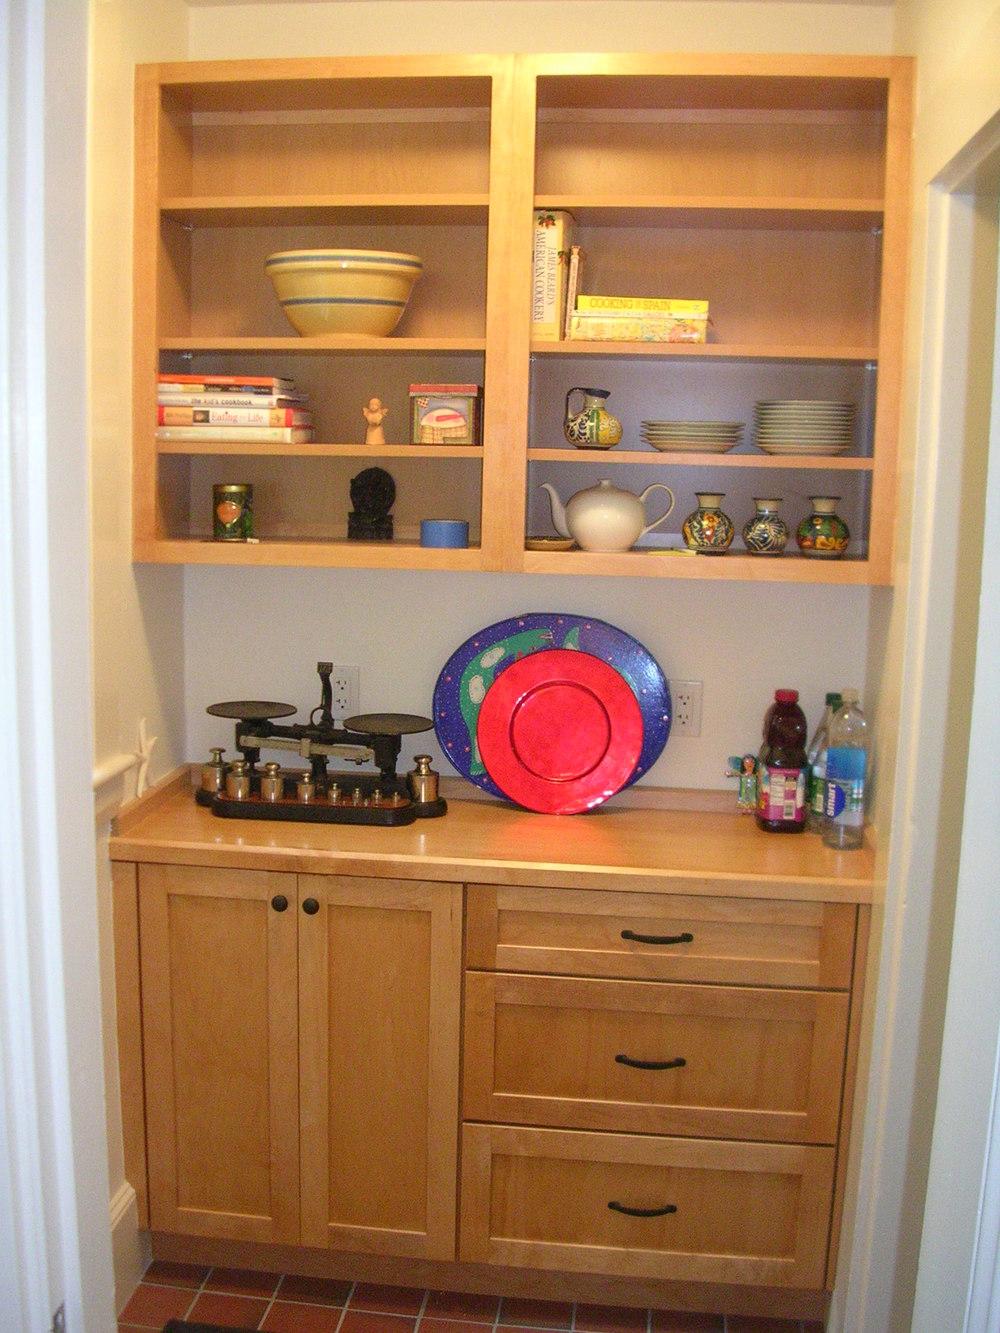 1 Pantry Cabinets Newton Crosbie.JPG